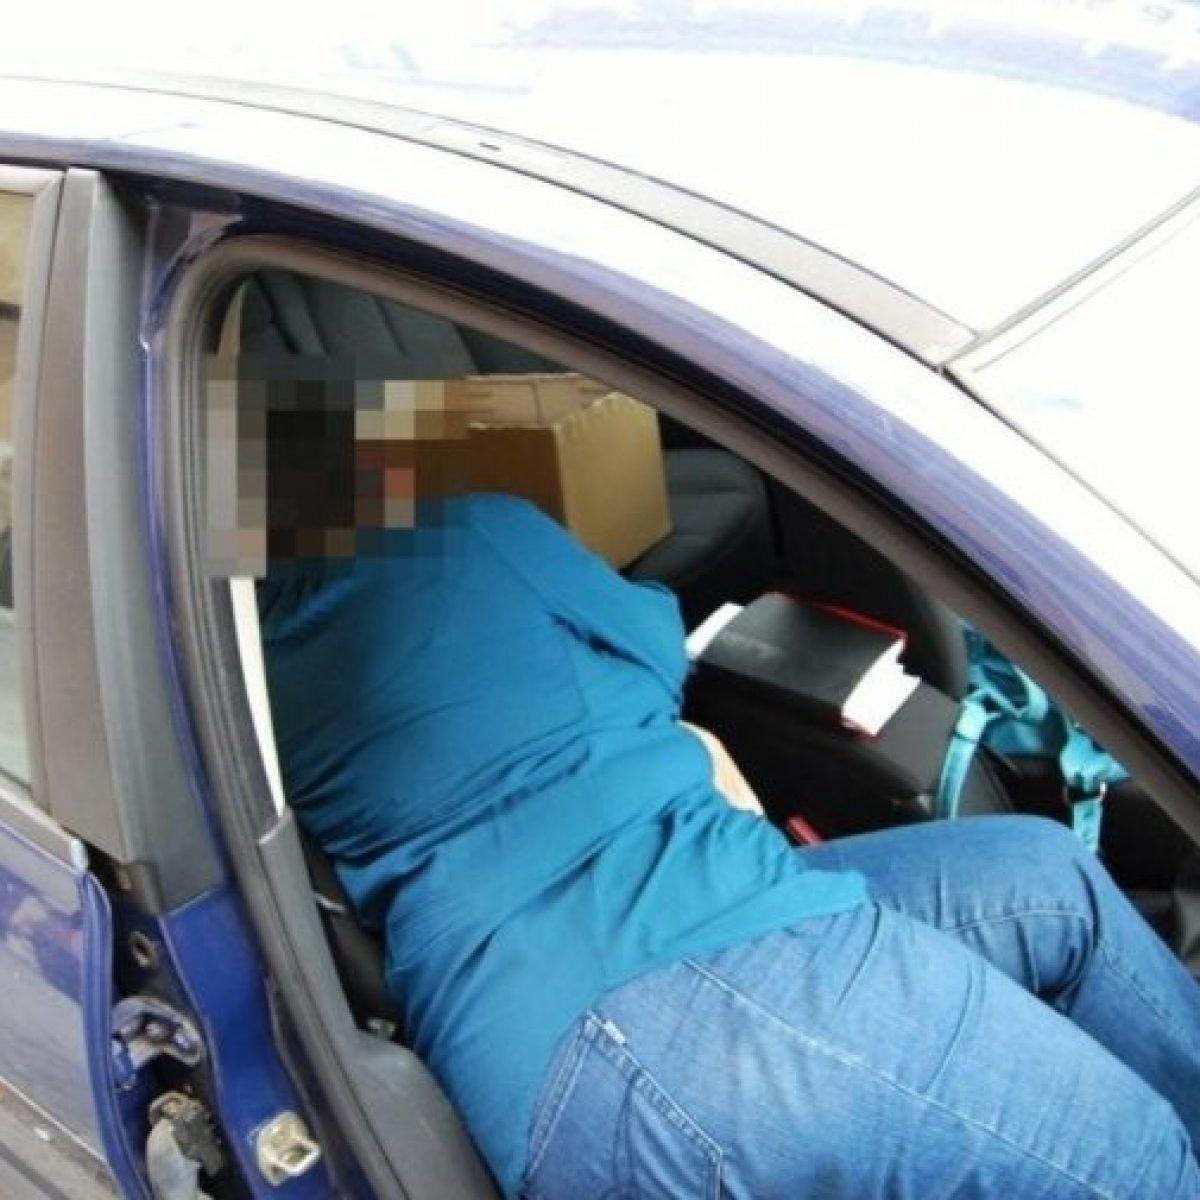 Positivo Messo a Dormire in Auto